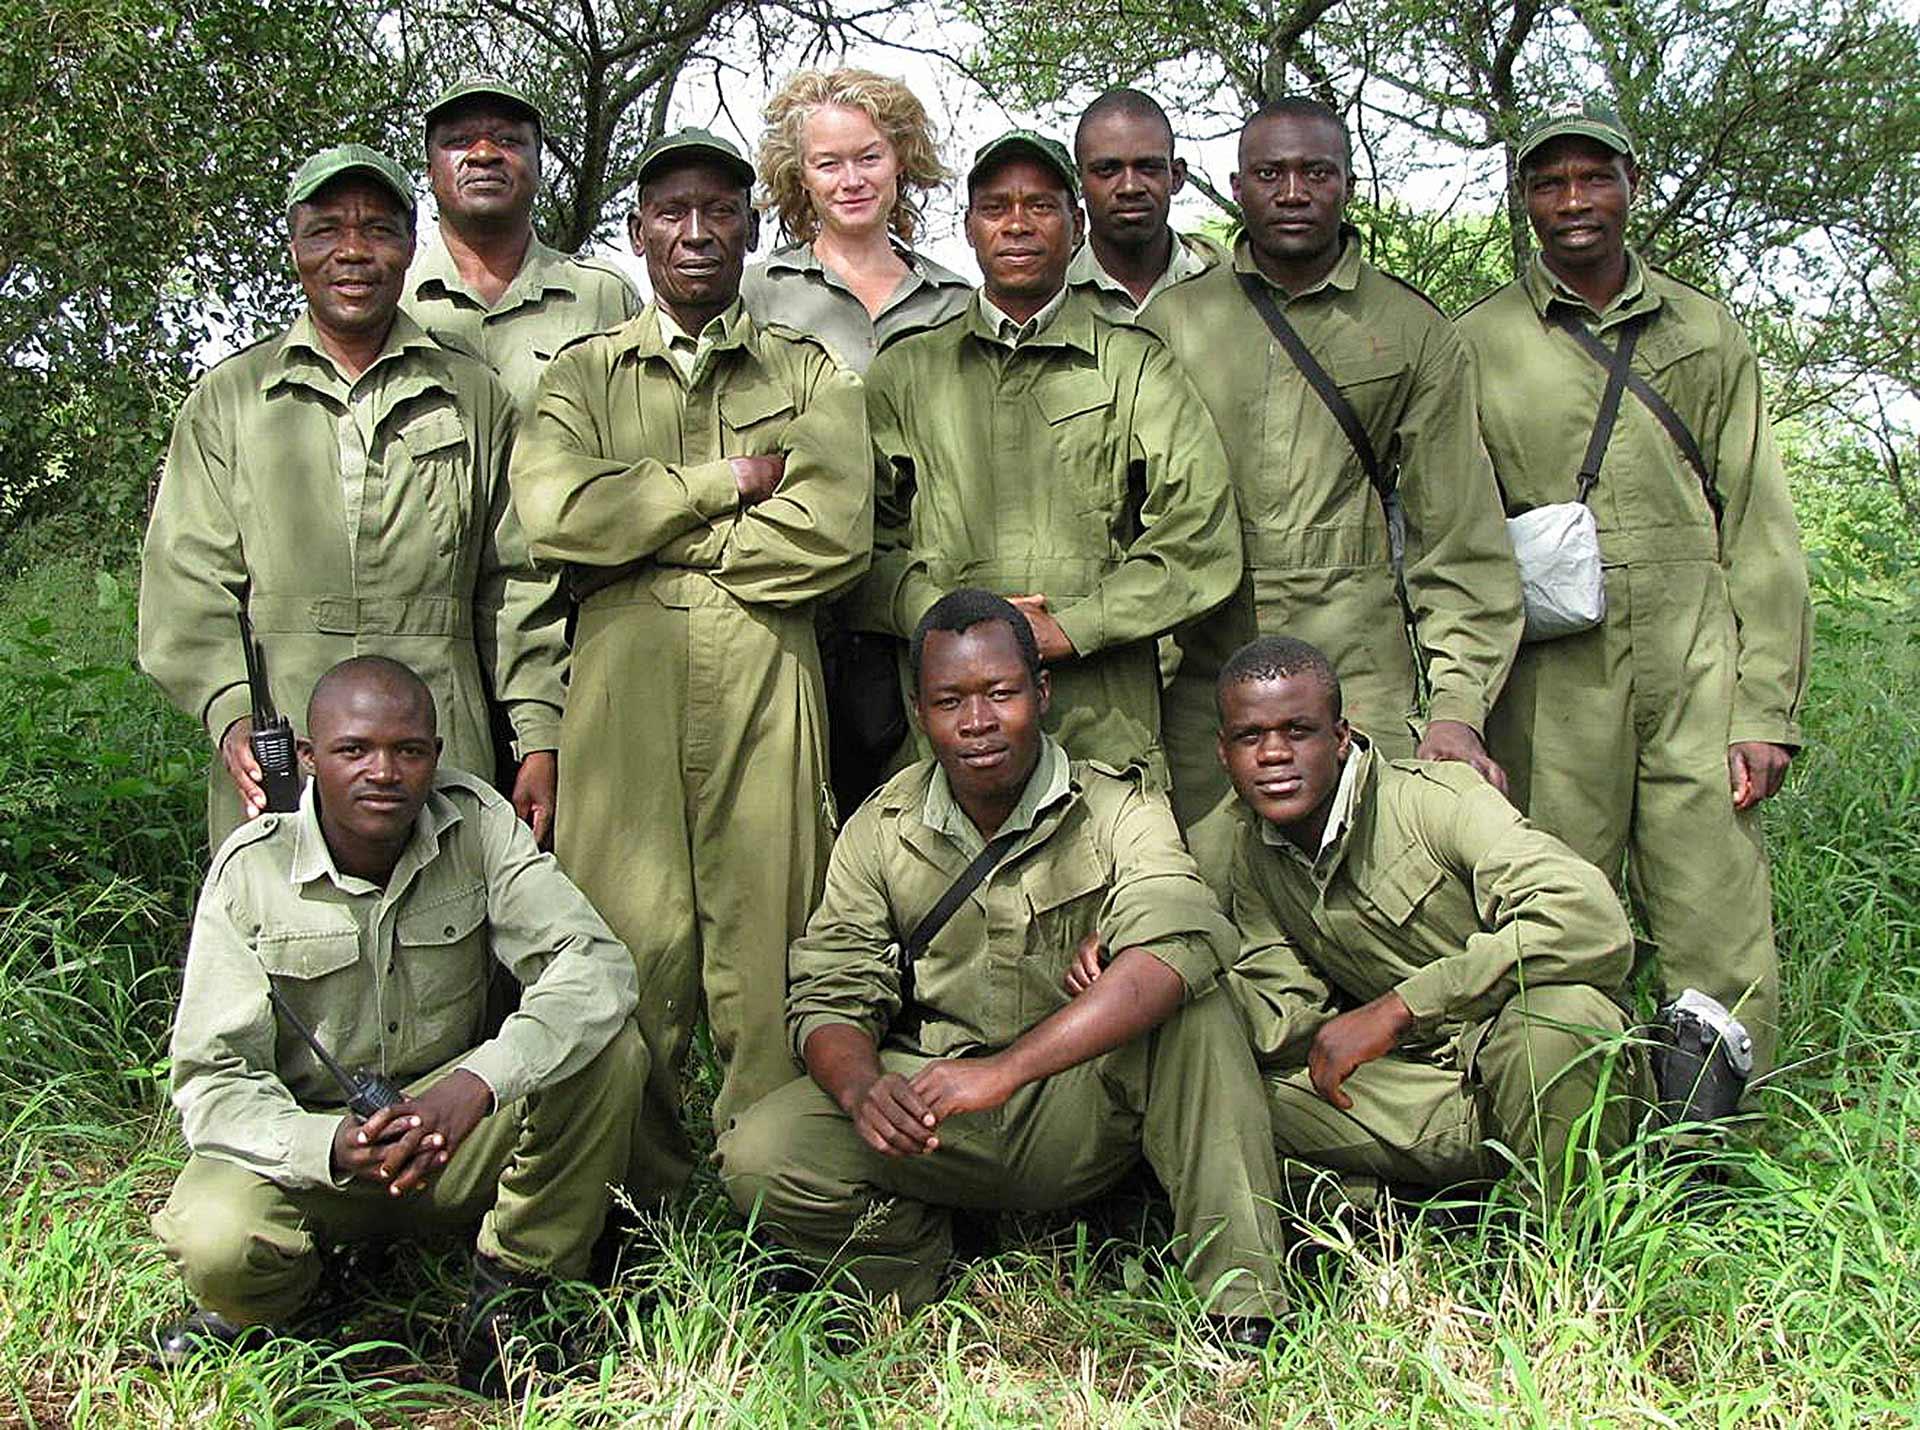 Bubye Conservancy Rhino Monitoring Unit